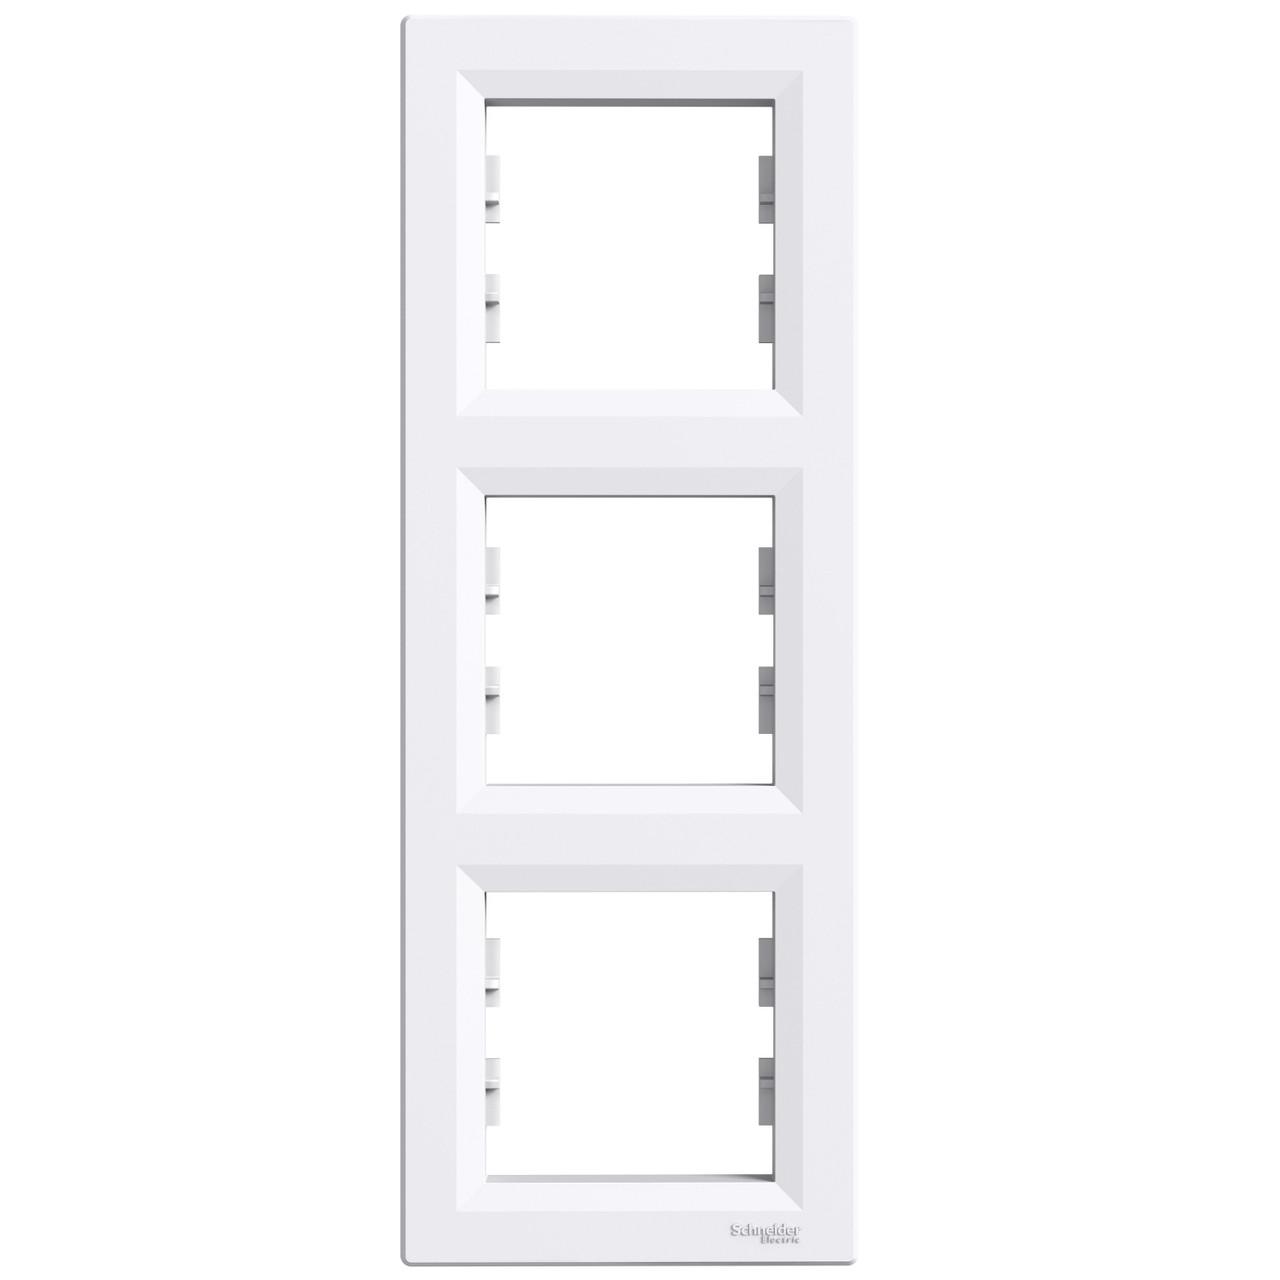 Рамка Schneider Asfora 3-постовая вертикальная